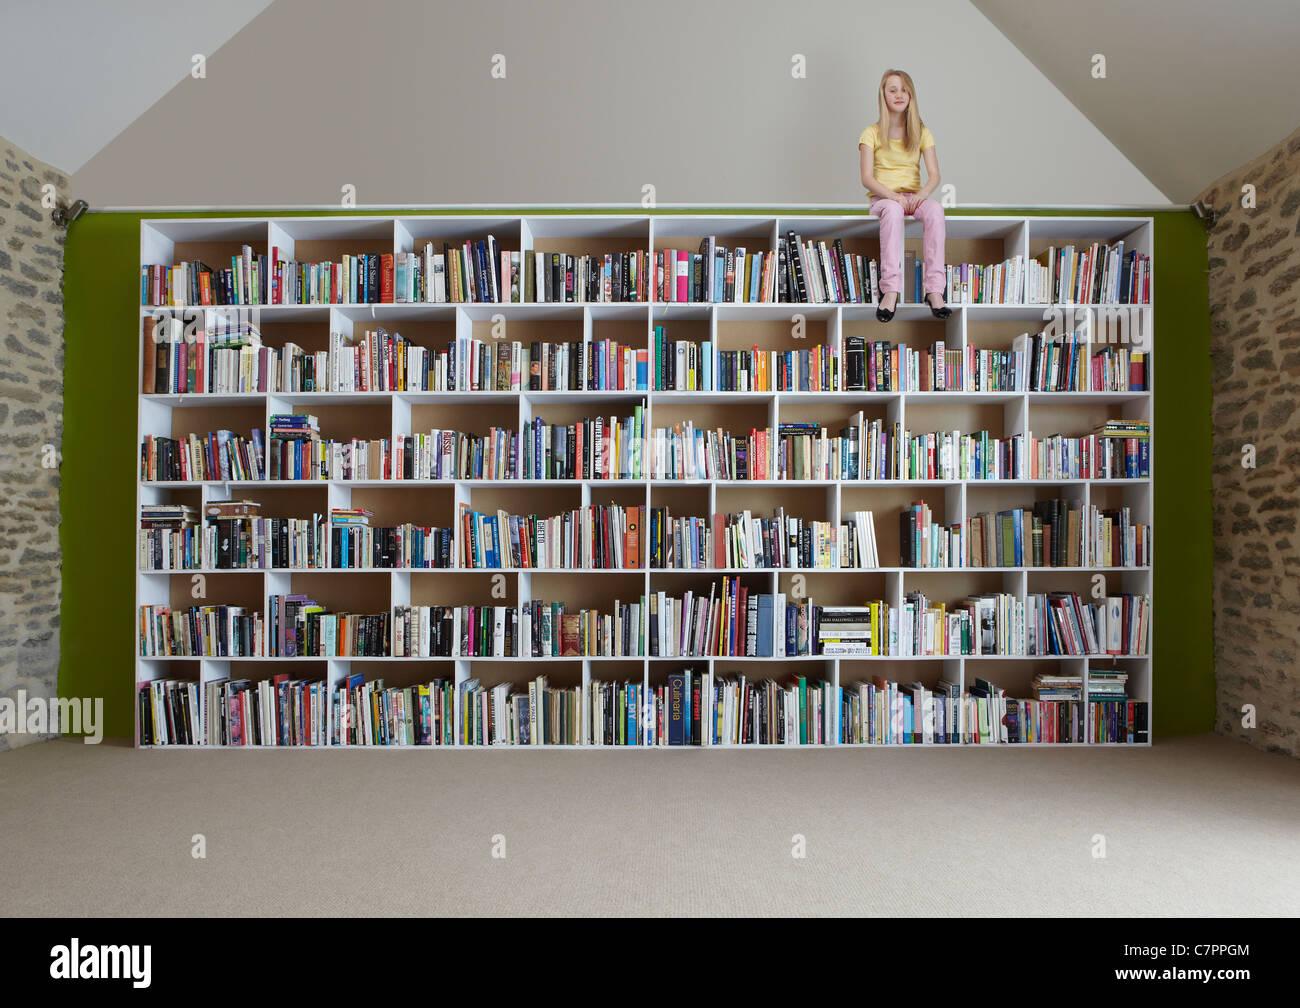 Girl sitting on top of bookshelves - Stock Image